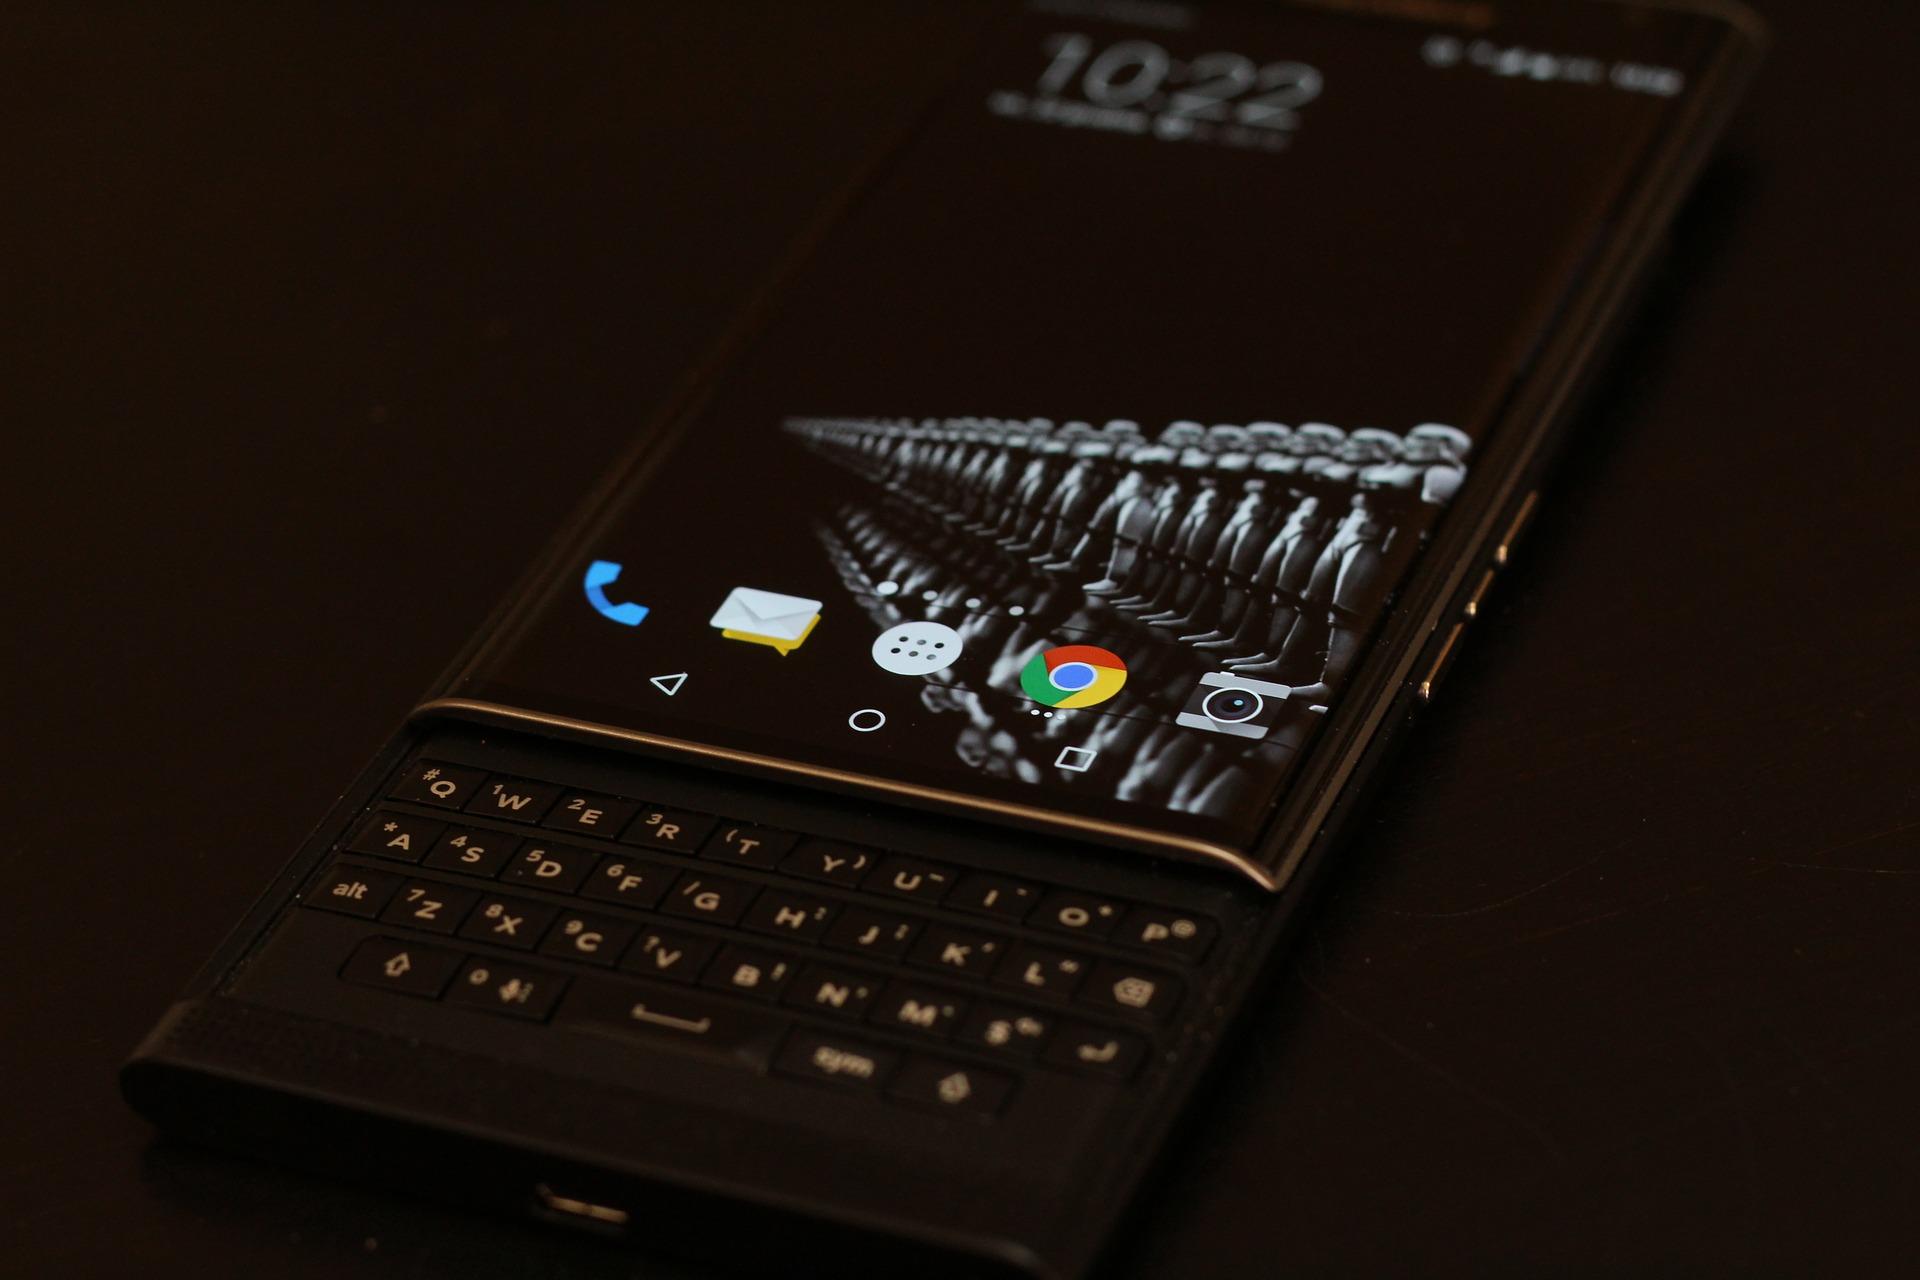 imagem de um Blackberry, com o inconfundível telado fora da tela.